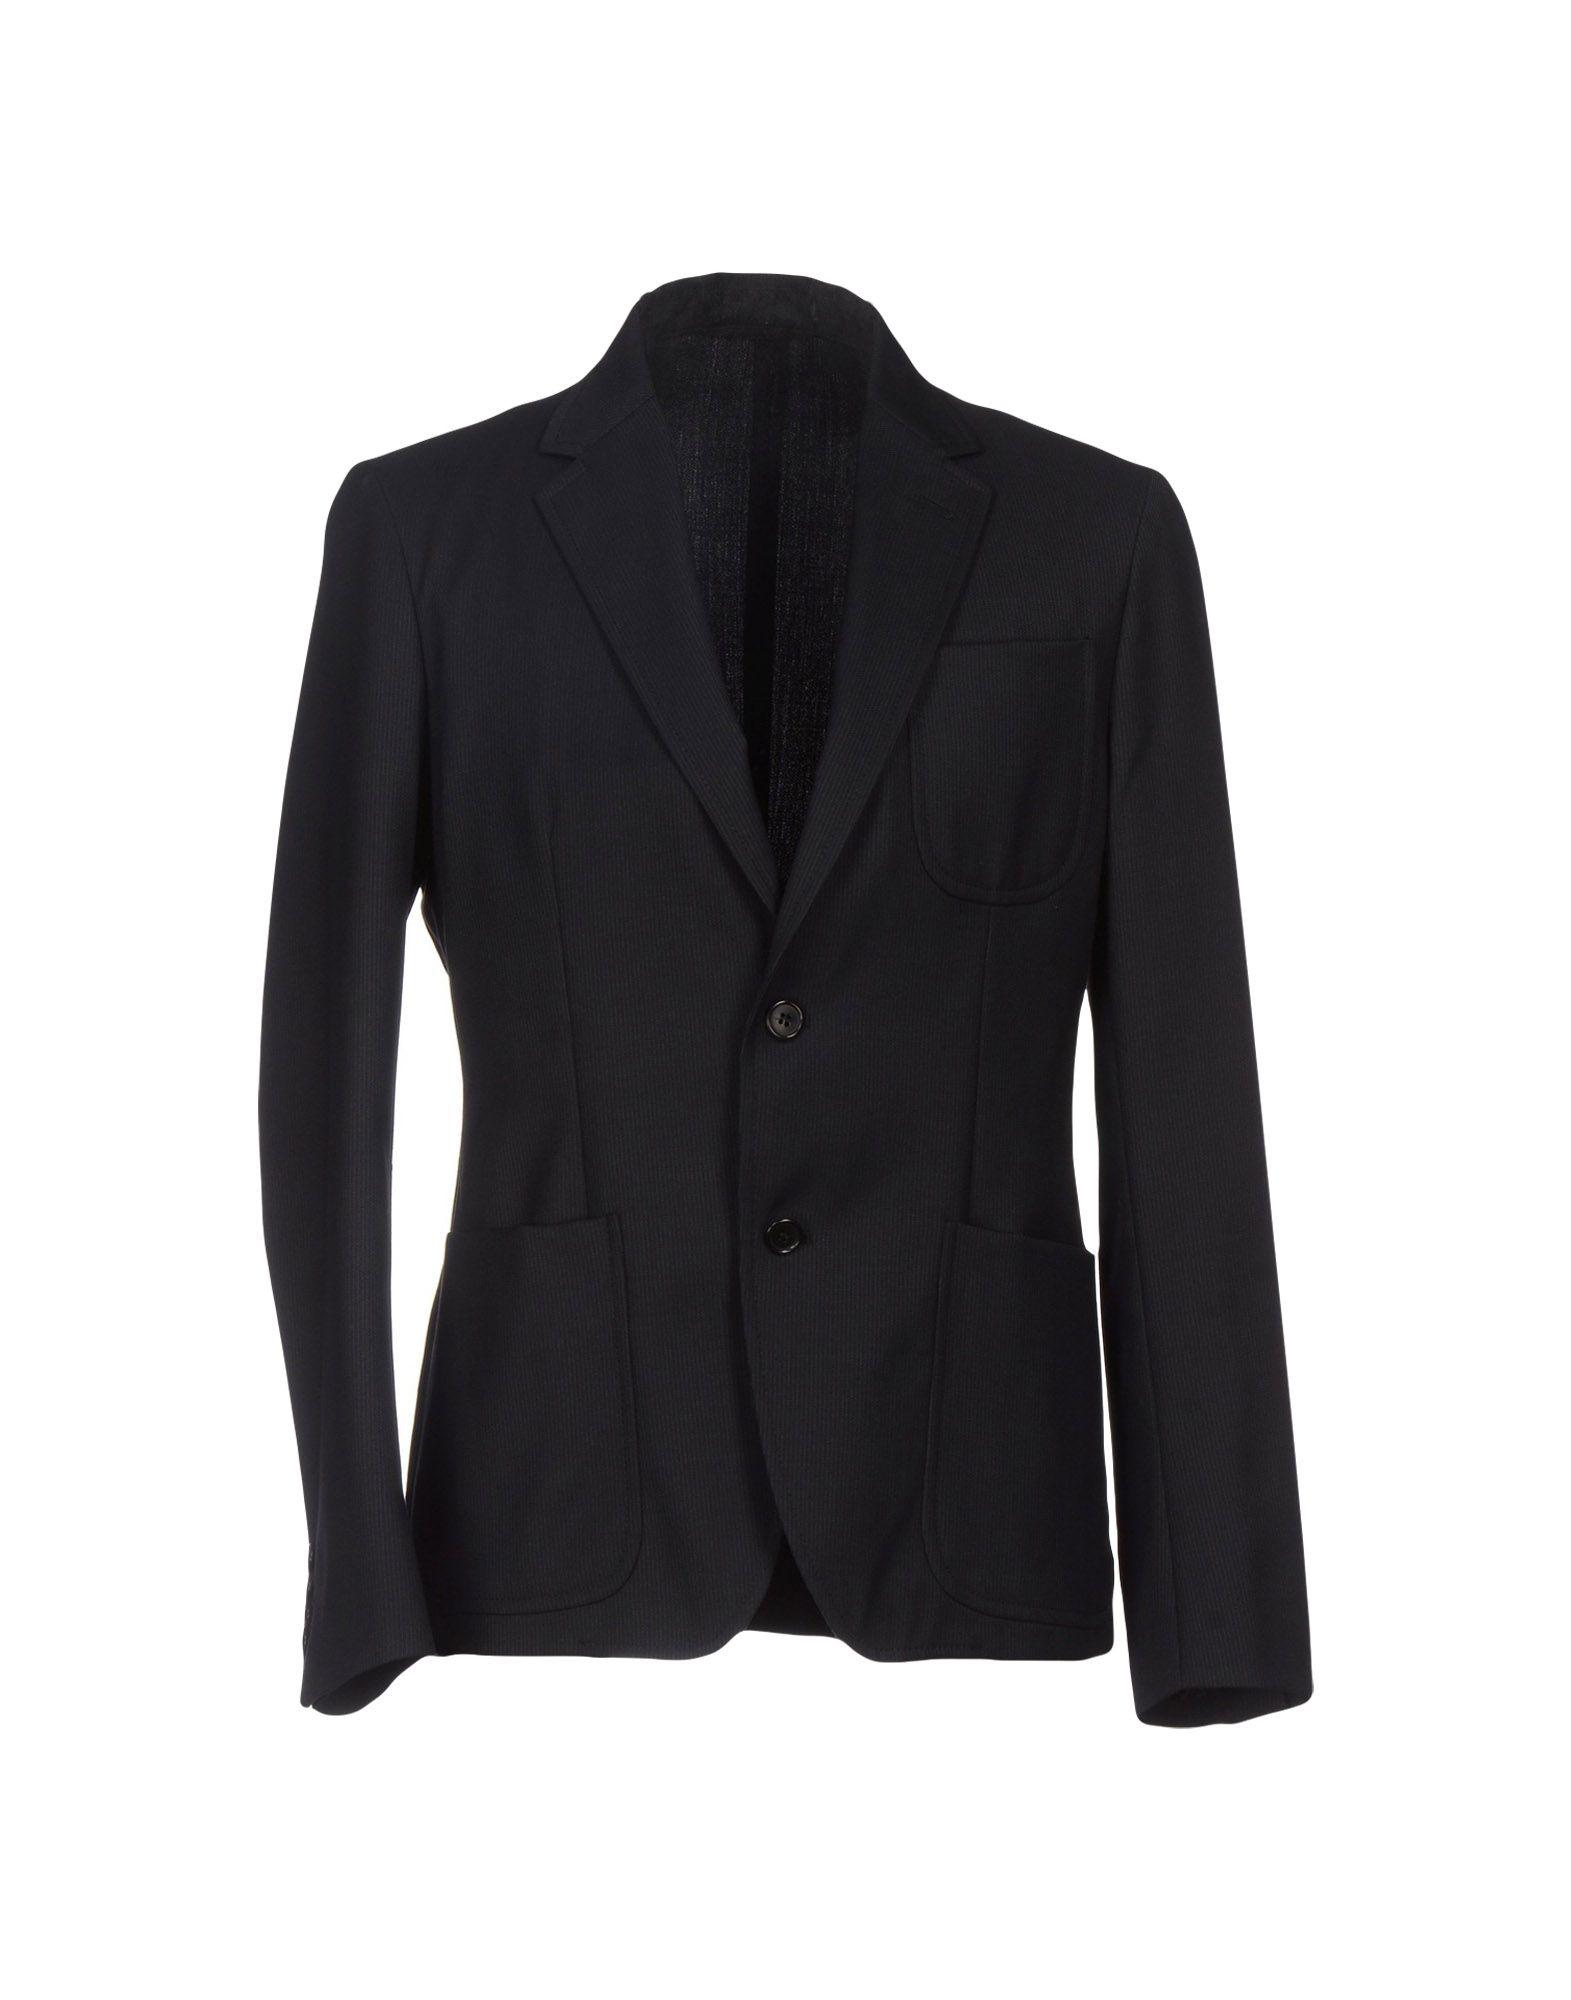 《送料無料》MM by MARIOMATTEO メンズ テーラードジャケット ブラック 50 ウール 98% / ポリウレタン 2%